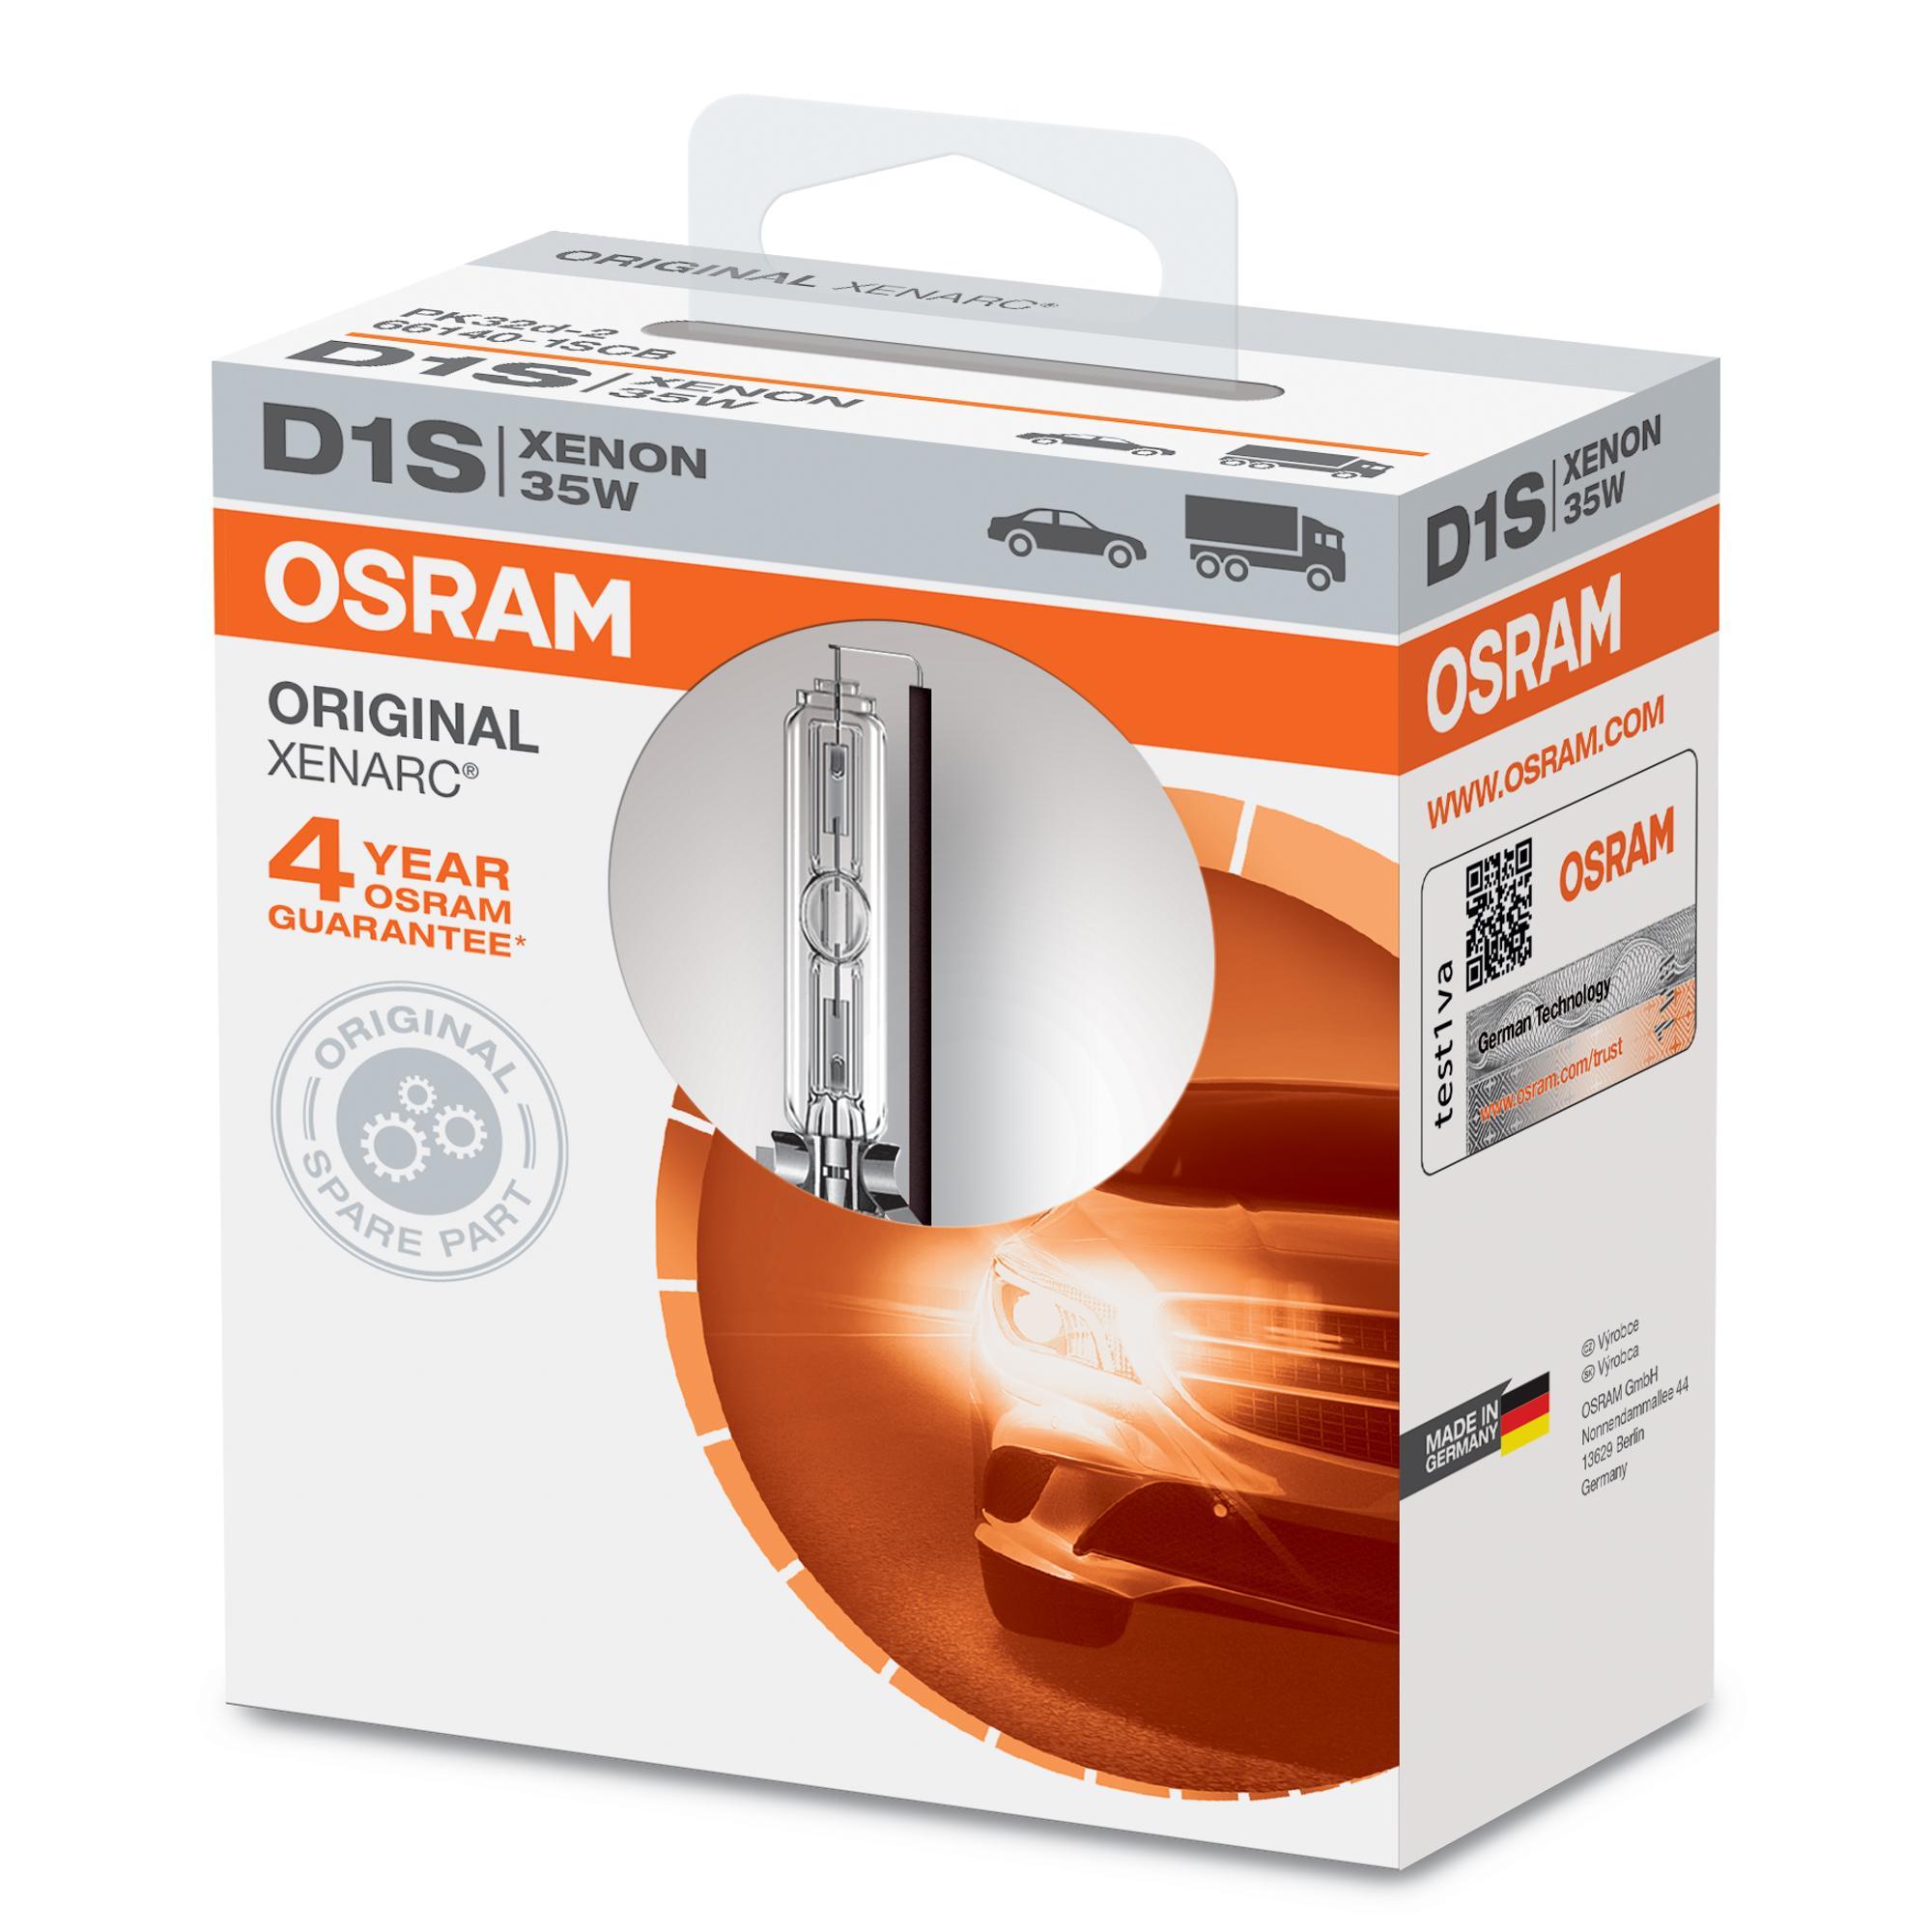 D1S OSRAM XENARC ORIGINAL 35W, D1S (Gasurladdningslampa), 85V Glödlampa, fjärrstrålkastare 66140 köp lågt pris